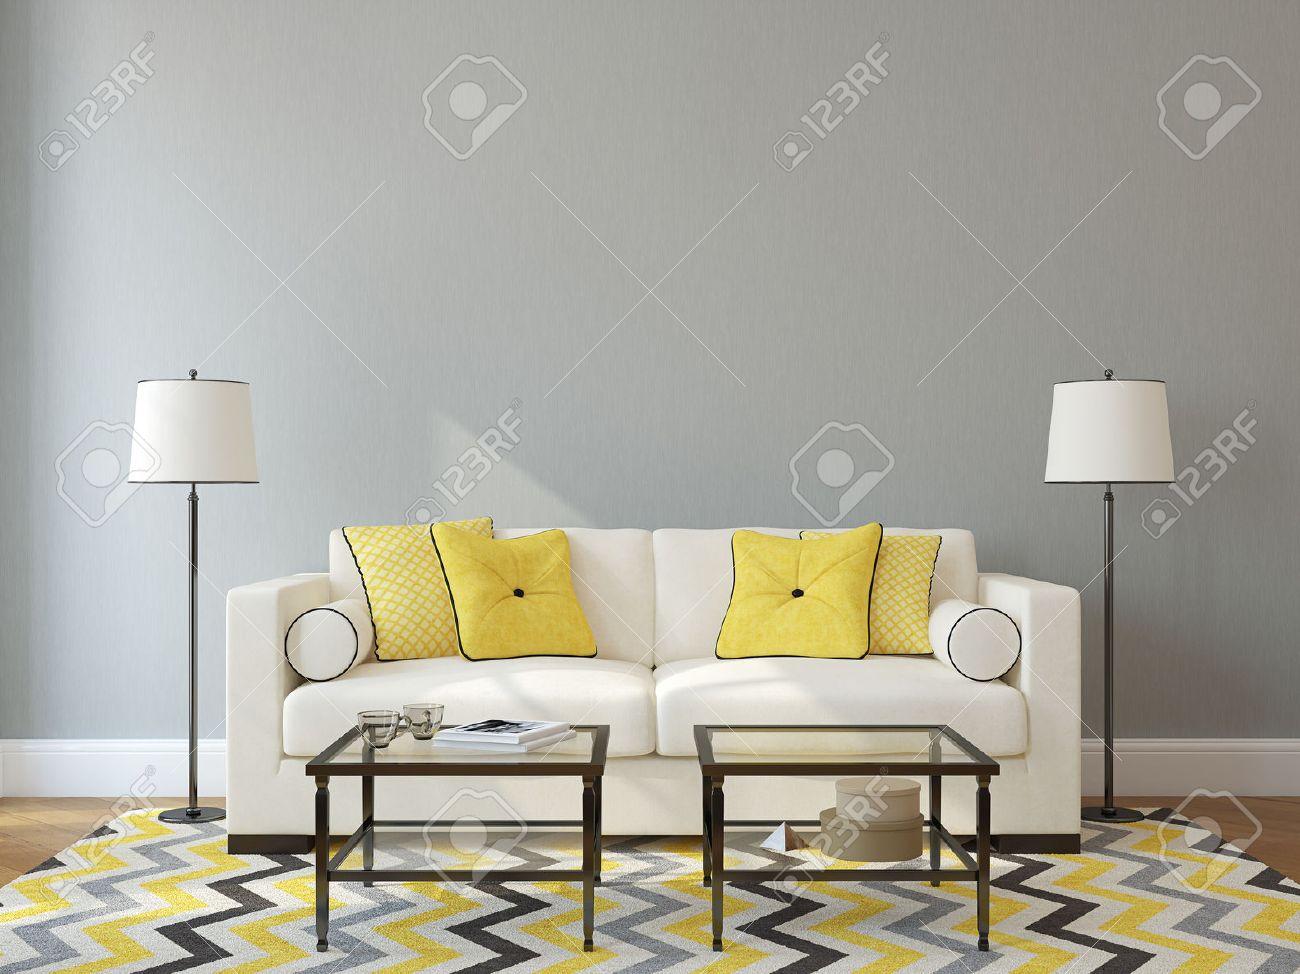 Intérieur moderne salon avec canapé blanc presque vide mur gris ...